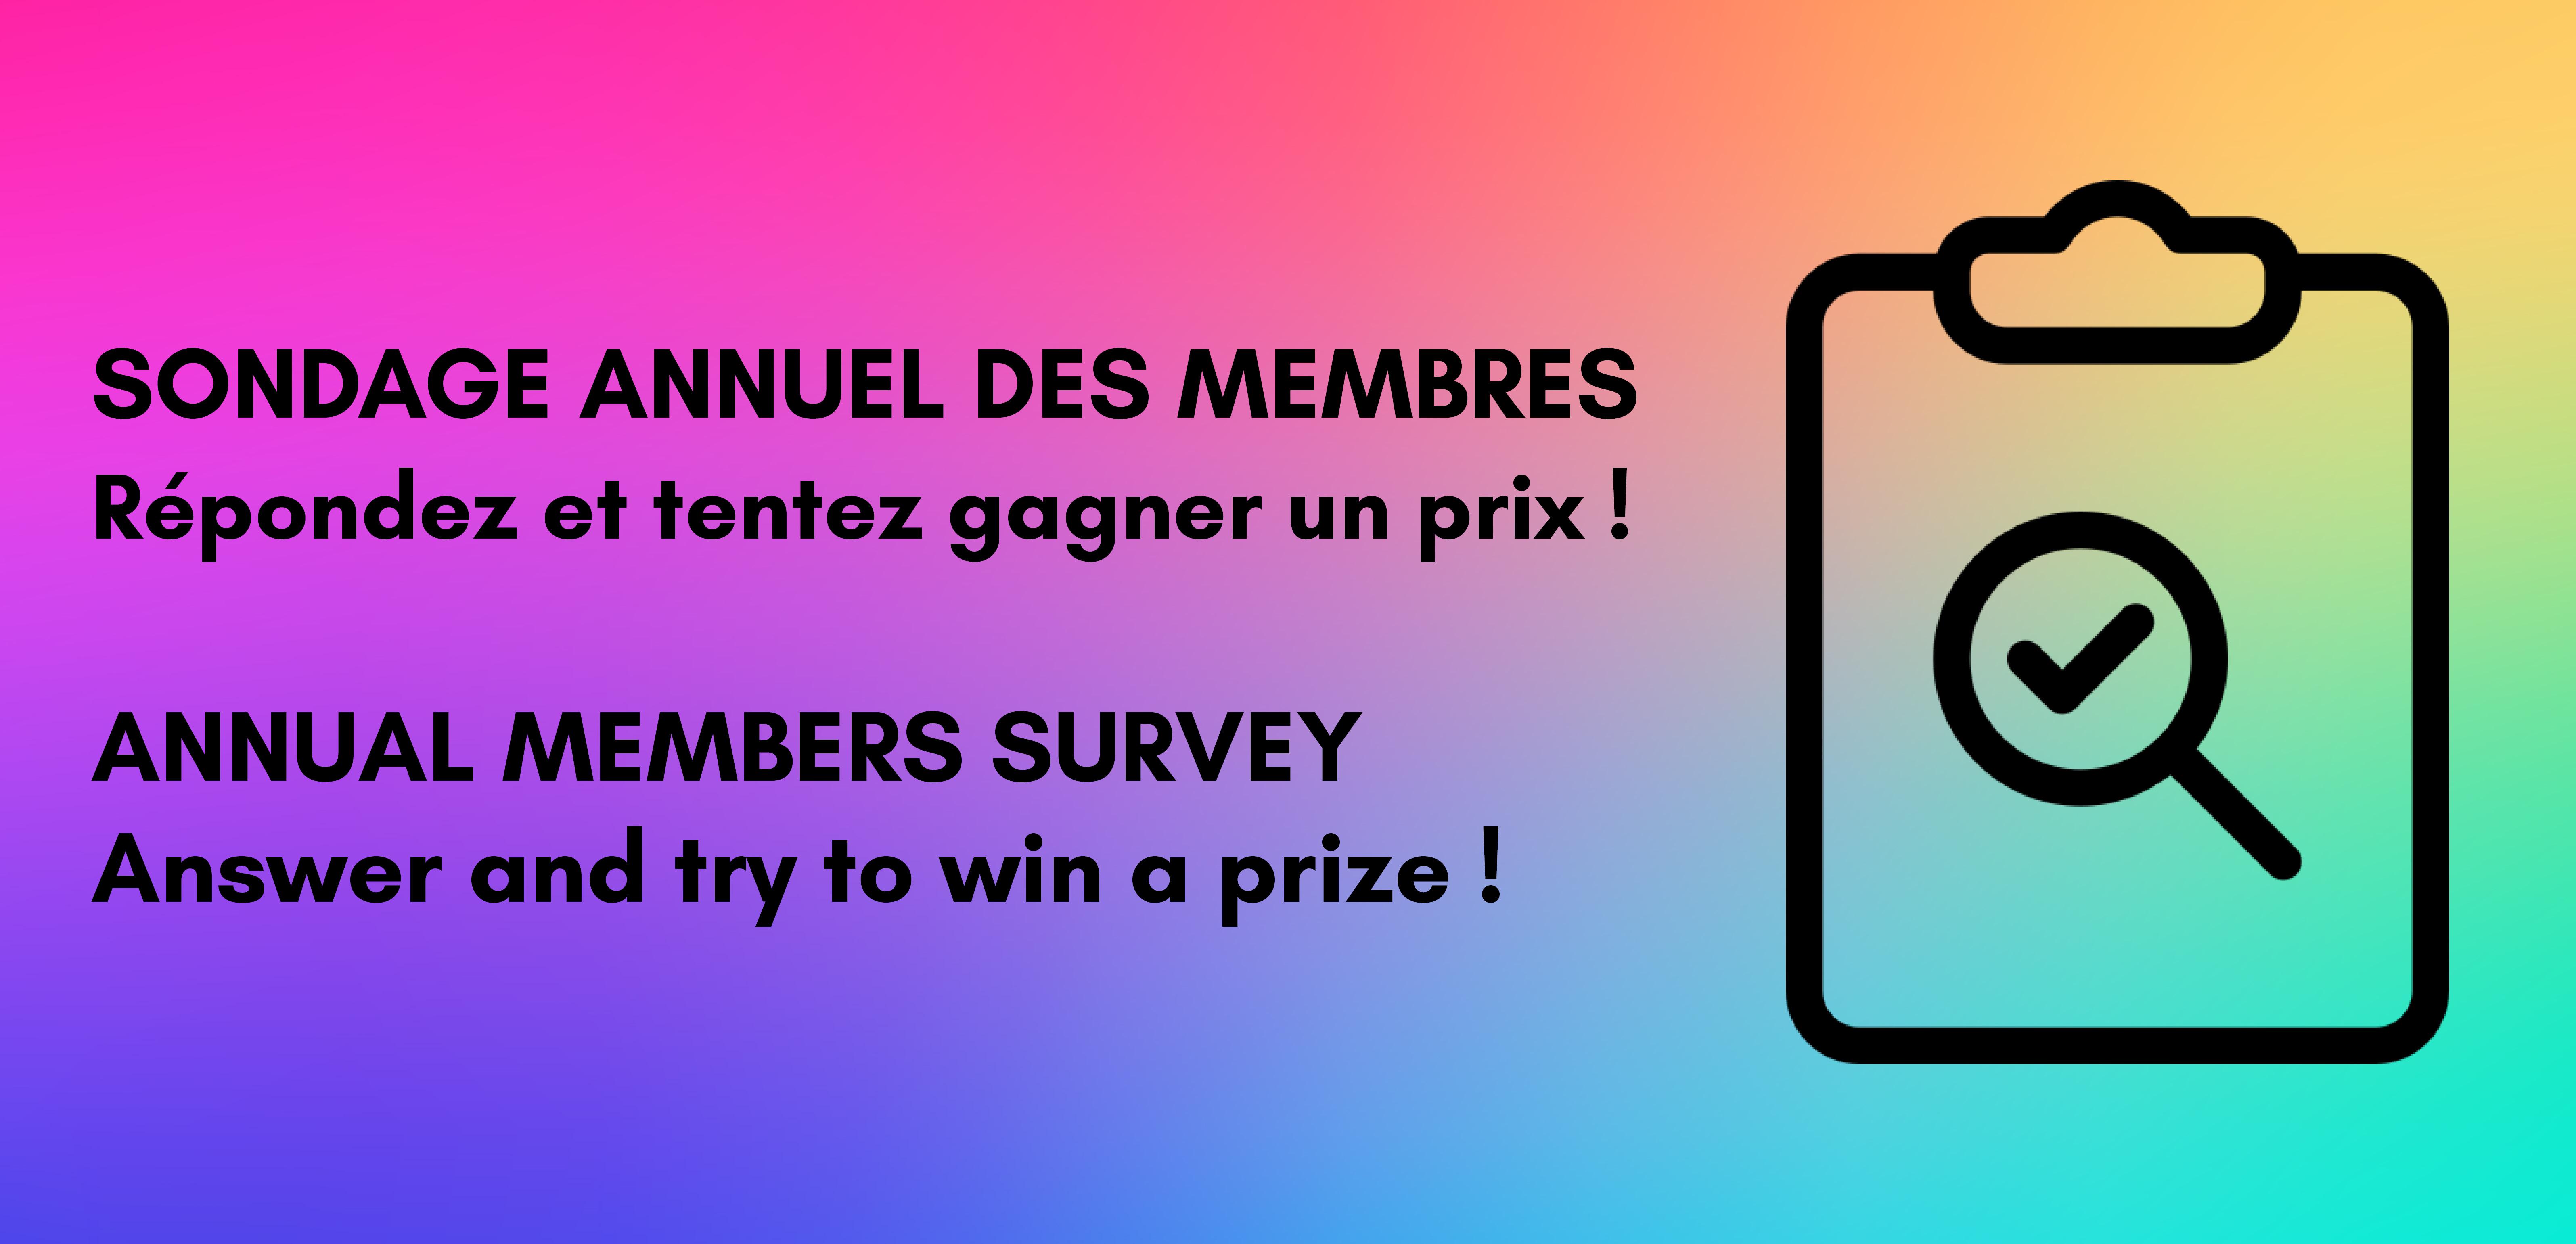 Votre avis compte pour nous ! Répondez au sondage de satisfaction de l'AQDFL !